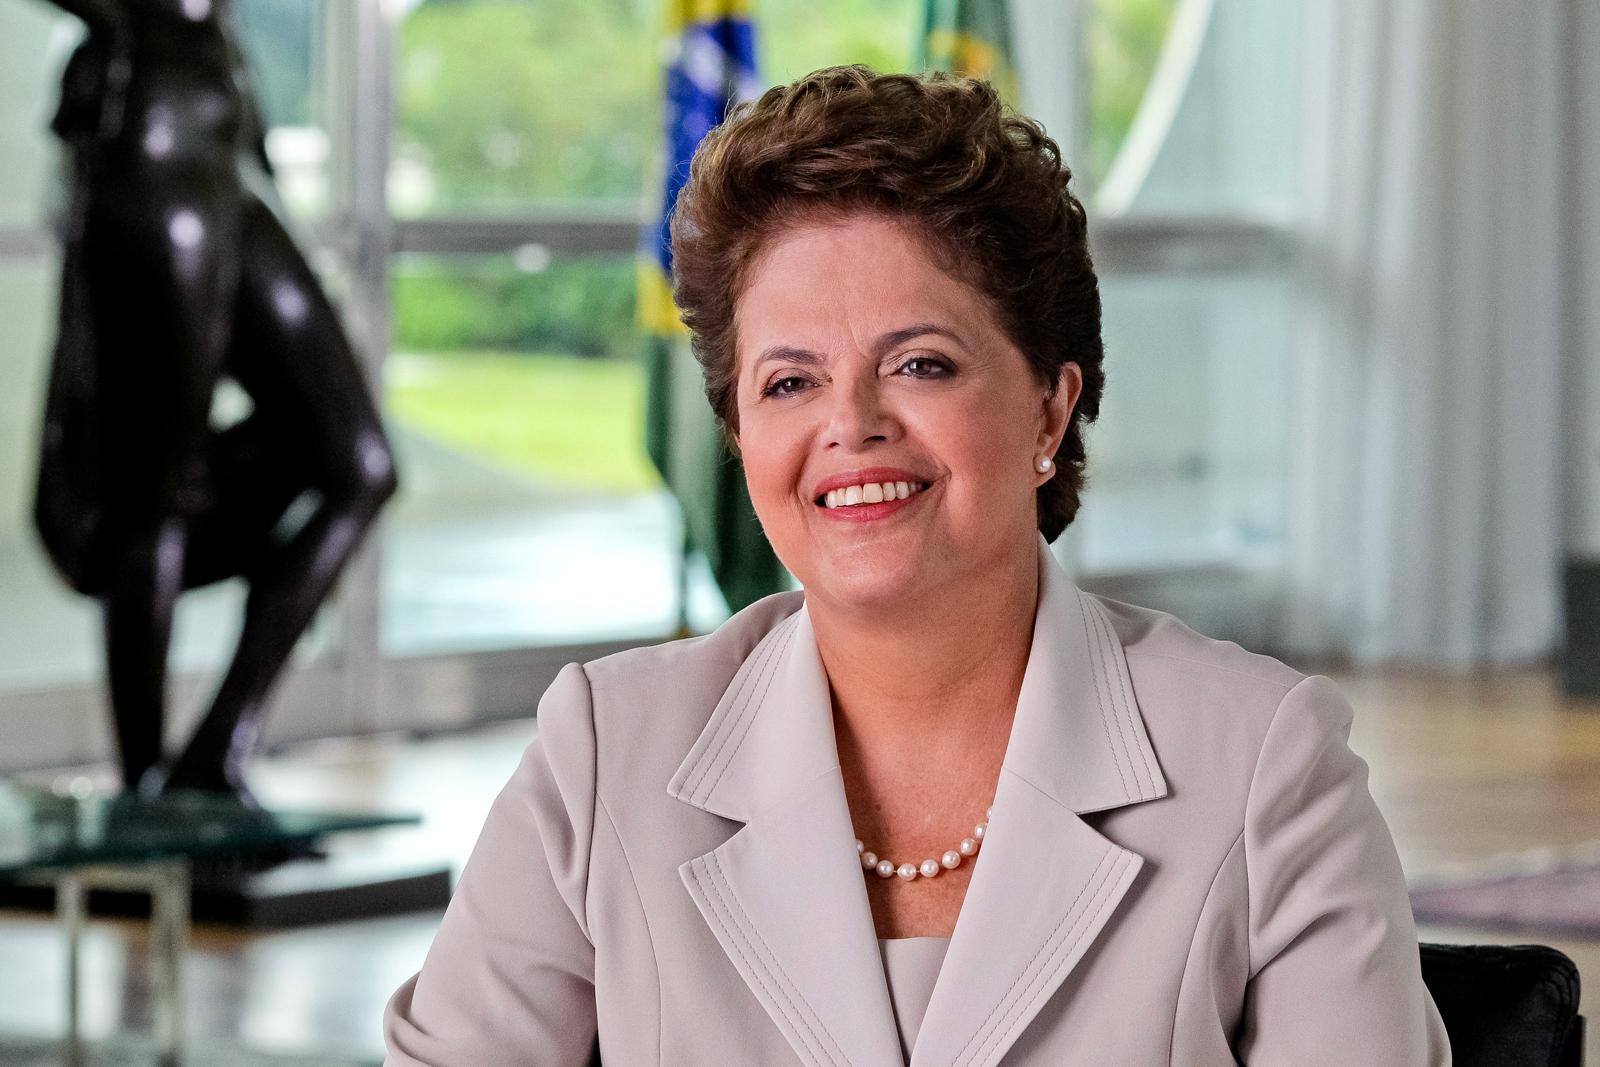 Presidente Dilma Rousseff sorrindo